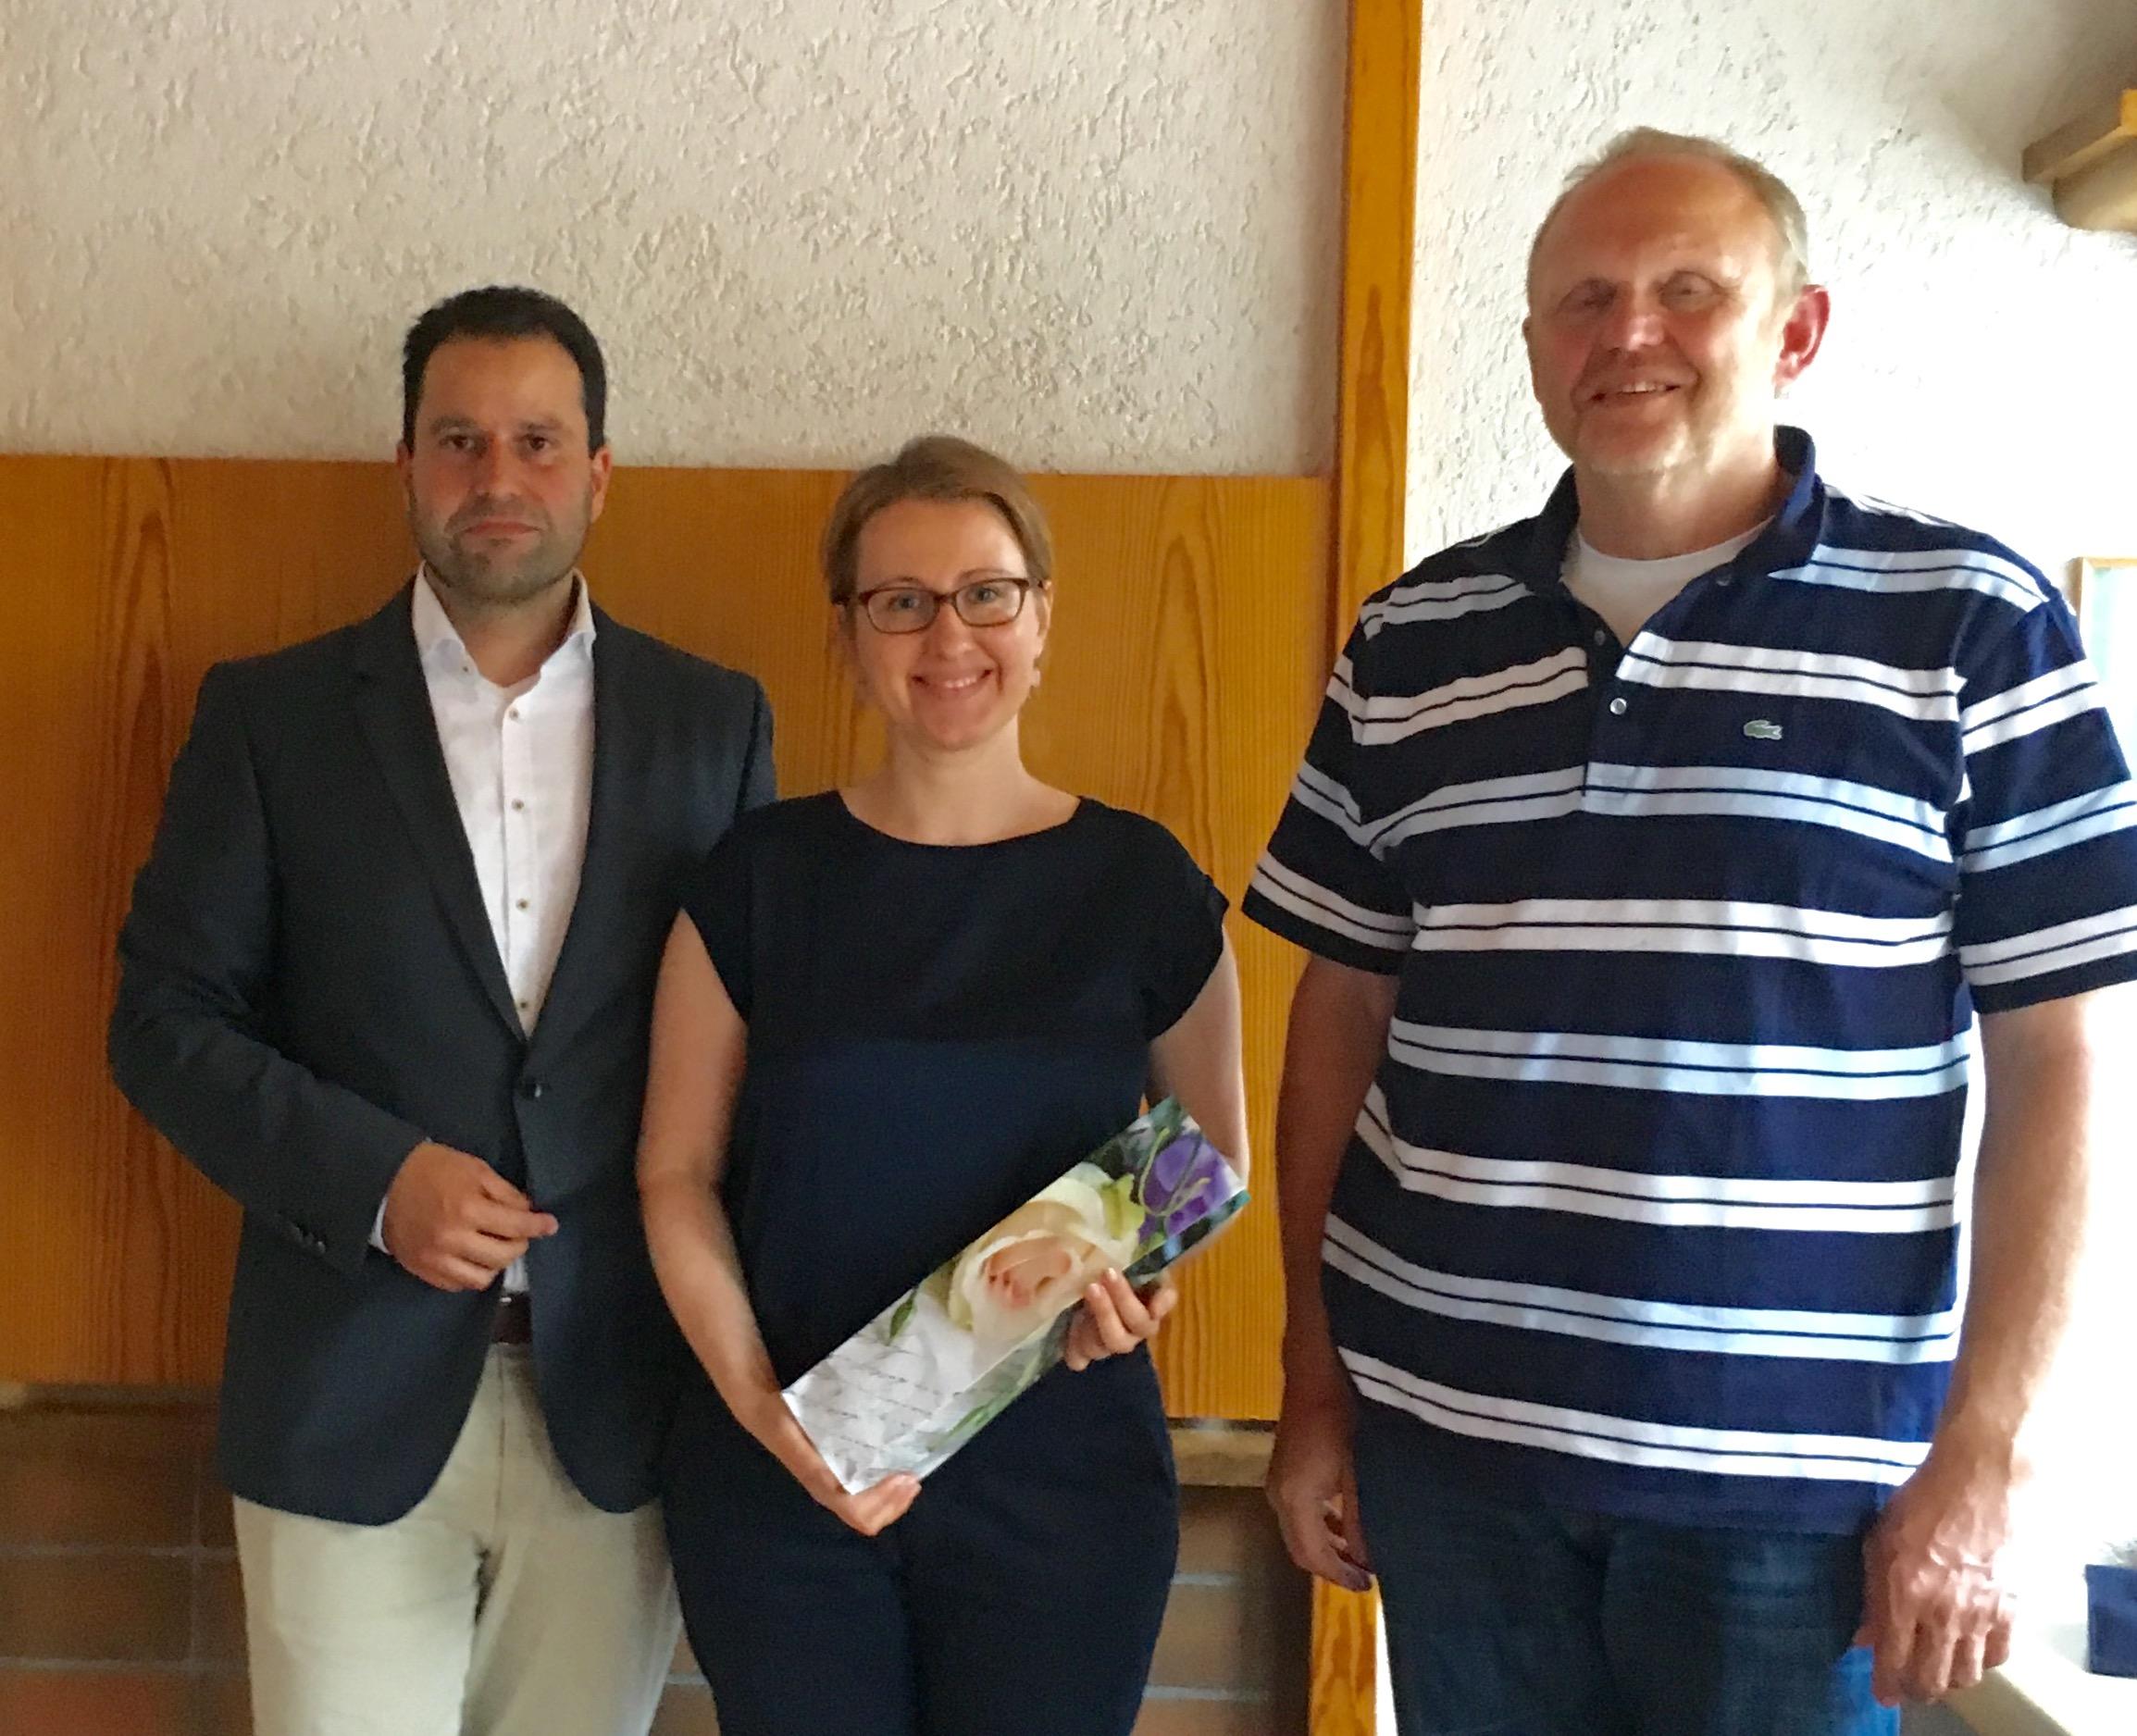 Foto: Dr. Martin Uhl, Astrid Rothenberger, Wolfgang Schanz (v. l.)